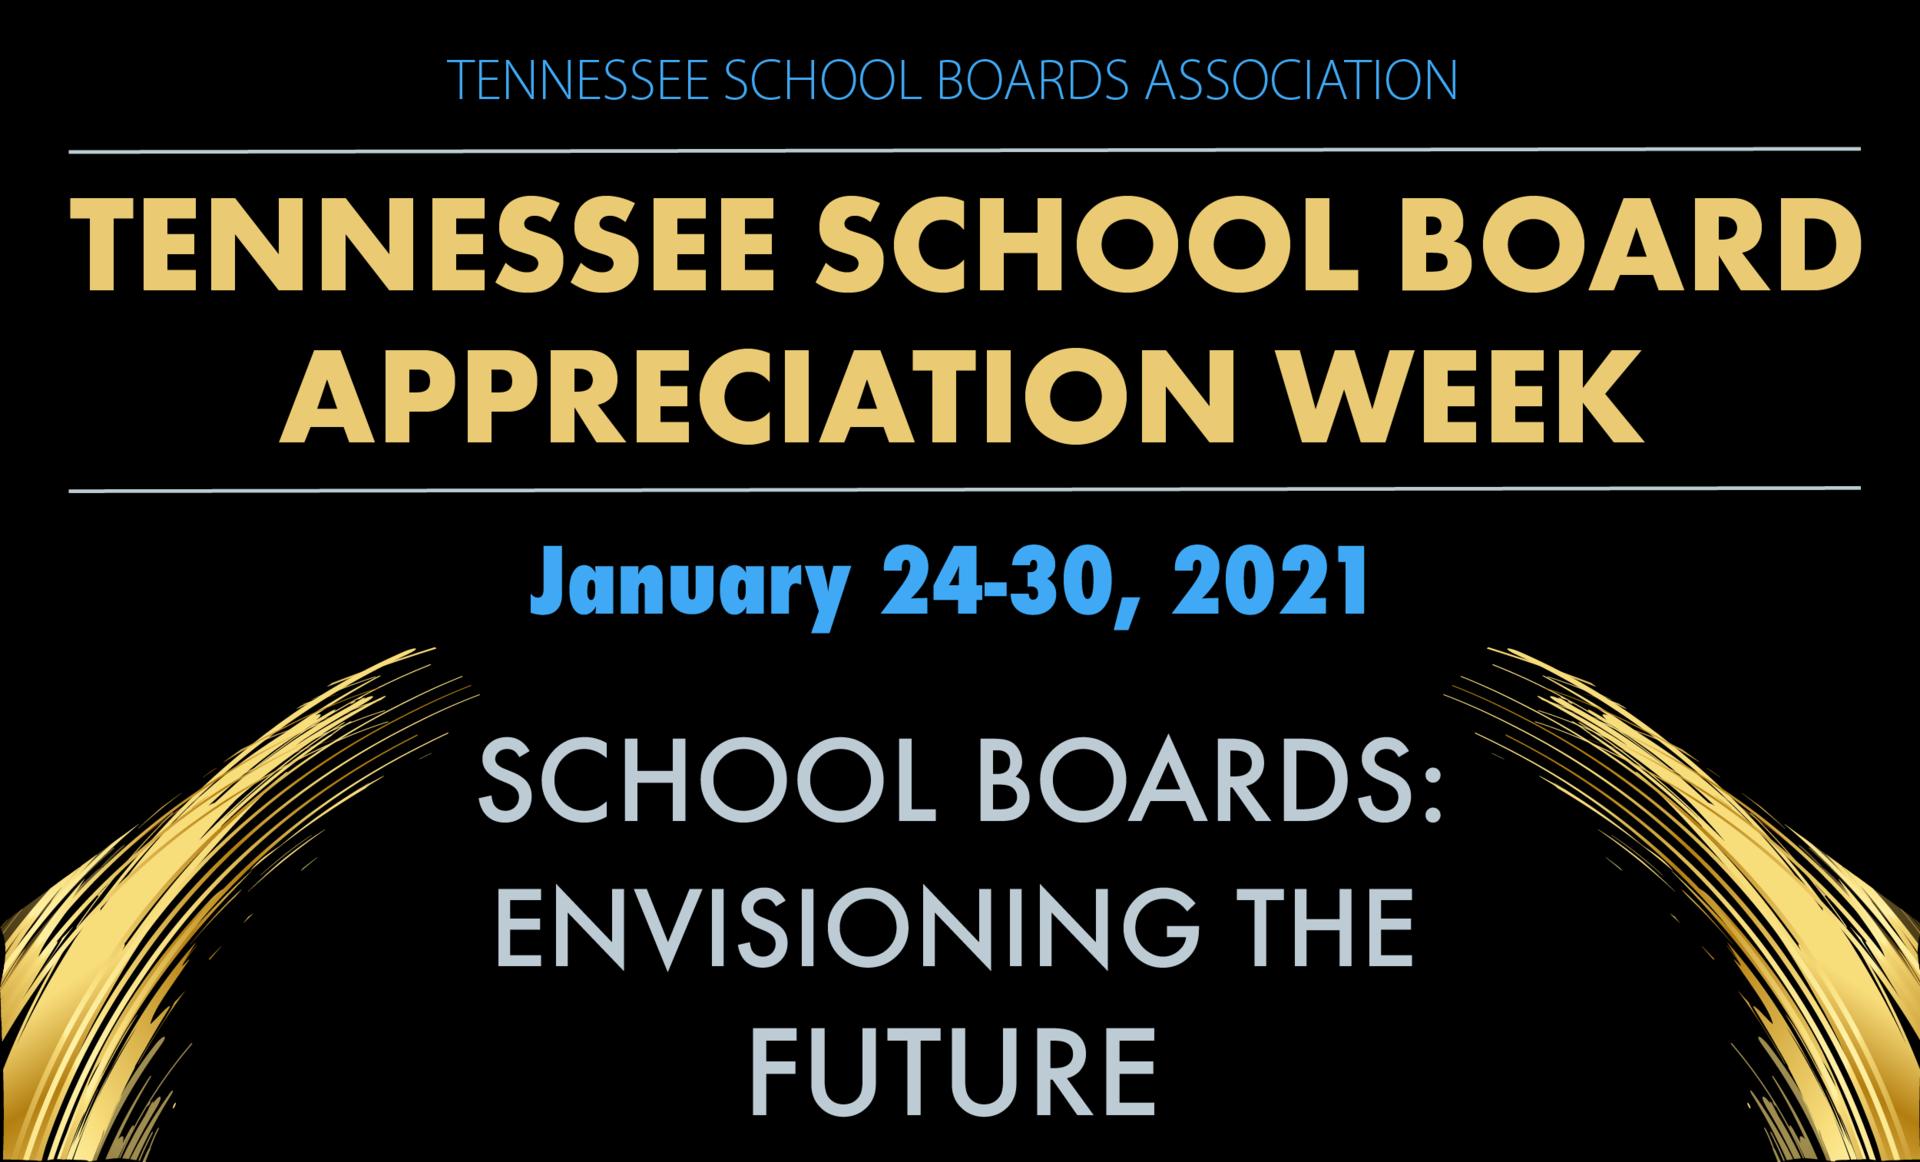 School Board Appreciation Week